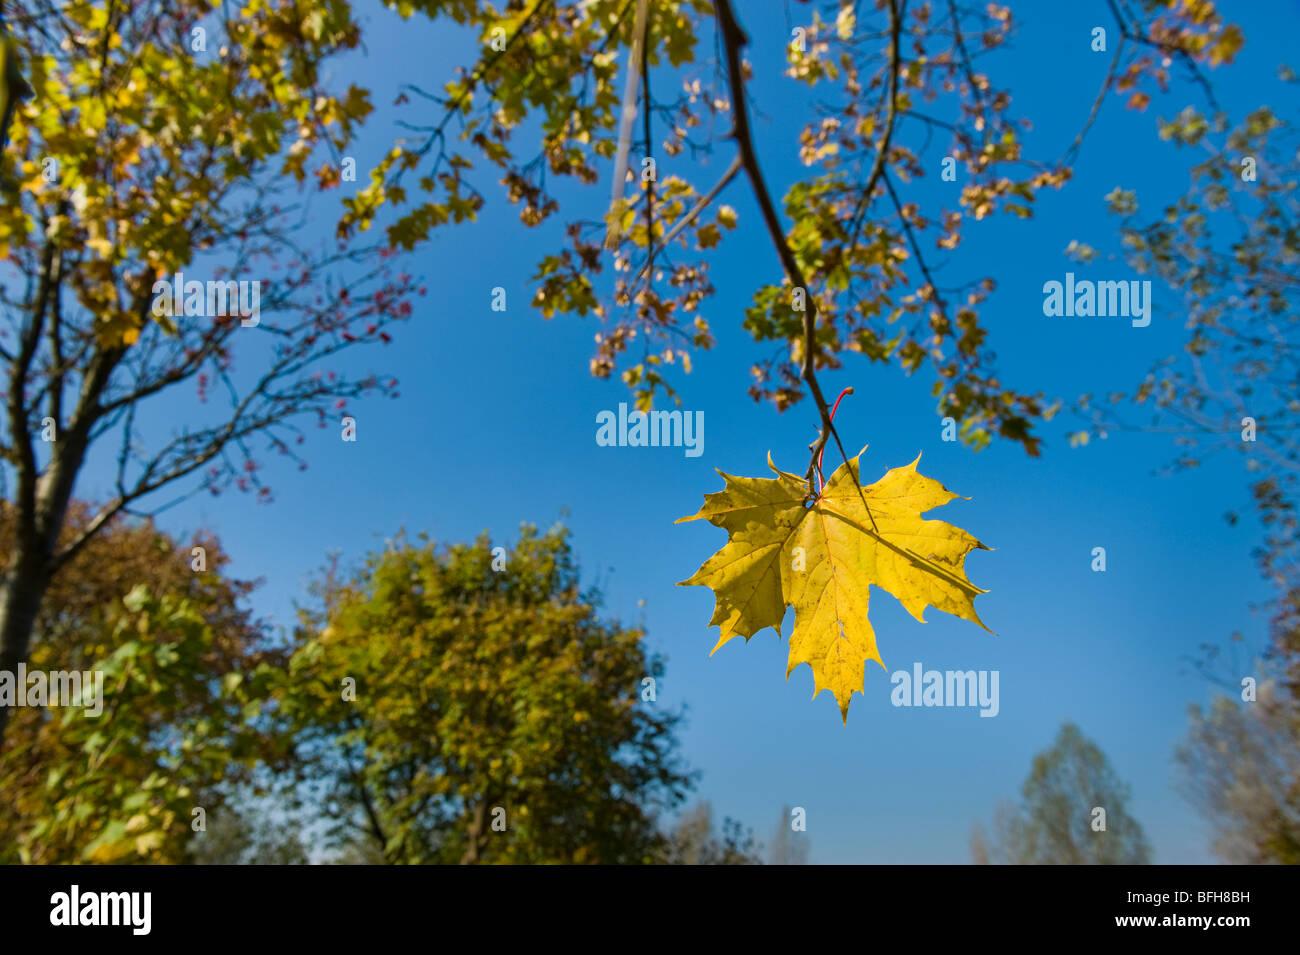 Ambiance d'automne idylle stilllife encore dernière feuille feuilles d'automne la récolte d'automne Photo Stock